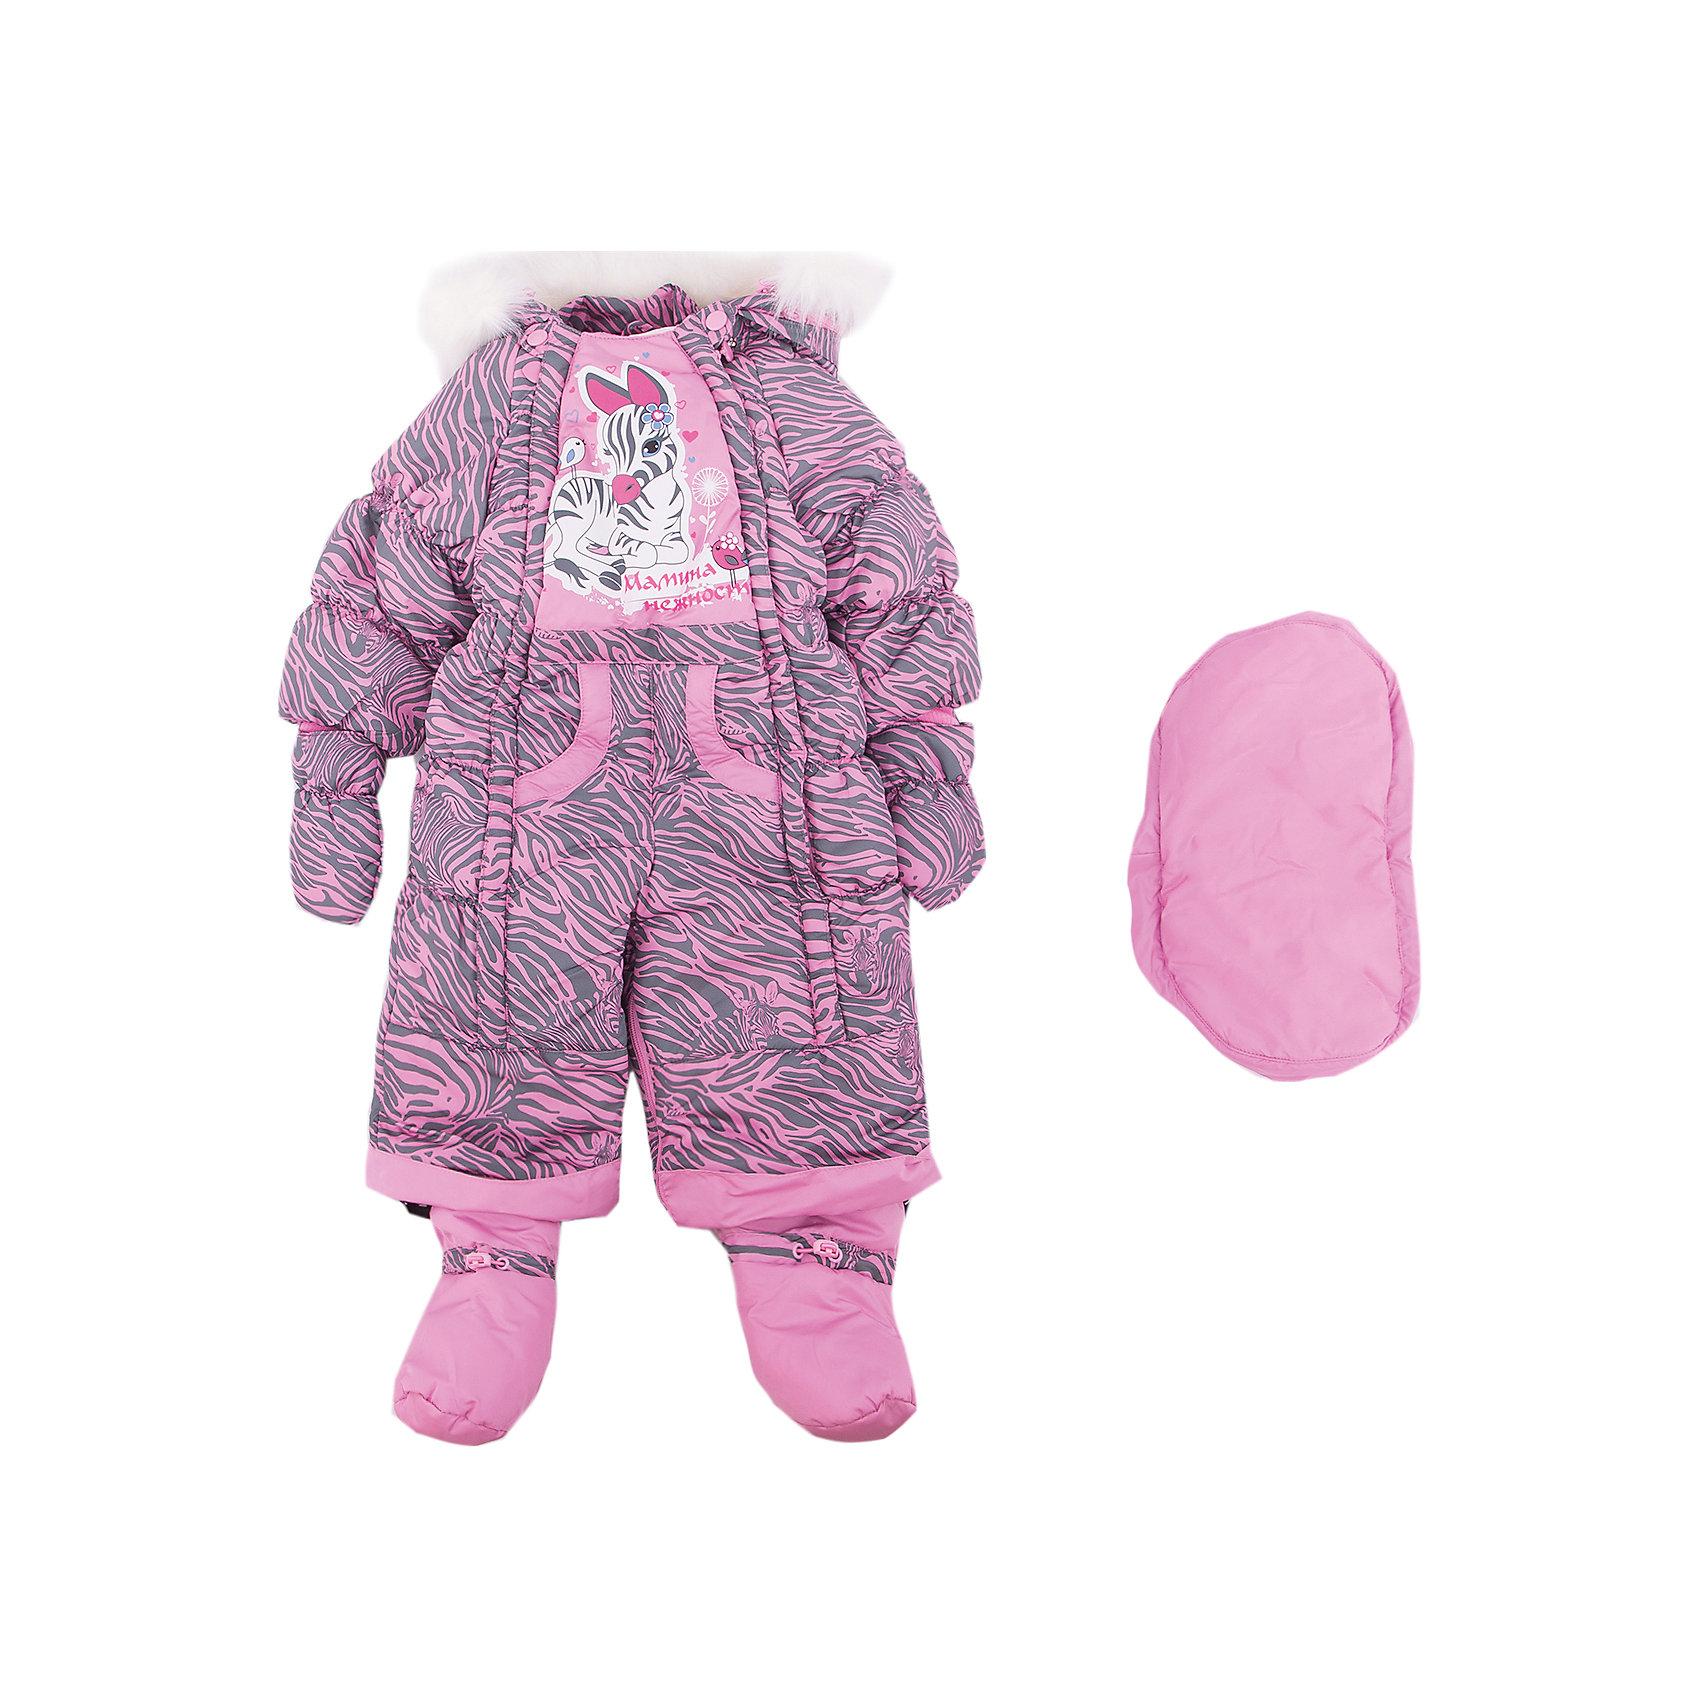 Комбинезон-трансформер Зебра OLDOS для девочкиВерхняя одежда<br>Характеристики товара:<br><br>• цвет: розовый<br>• состав ткани: 100% полиэстер, Teflon <br>• подкладка: хлопок<br>• утеплитель: Hollofan 200 г/м2<br>• подстежка: 60% шерсть, 40% полиэстер<br>• сезон: зима<br>• температурный режим: от -35 до 0<br>• застежка: молния<br>• капюшон: с мехом, несъемный<br>• пинетки, варежки, опушка отстегиваются<br>• трансформируется в конверт<br>• подстежка в комплекте<br>• страна бренда: Россия<br>• страна изготовитель: Россия<br><br>Верх этого детского комбинезона - с пропиткой от грязи и влаги. Мягкая подкладка детского комбинезона-трансформера для зимы приятна на ощупь. Удобный комбинезон-трансформер для девочки дополнен съемными пинетками и варежками. Комбинезон-трансформер позволяет создать комфортный микроклимат даже в сильные морозы.<br><br>Комбинезон-трансформер Зебра Oldos (Олдос) для девочки можно купить в нашем интернет-магазине.<br><br>Ширина мм: 356<br>Глубина мм: 10<br>Высота мм: 245<br>Вес г: 519<br>Цвет: розовый<br>Возраст от месяцев: 12<br>Возраст до месяцев: 18<br>Пол: Женский<br>Возраст: Детский<br>Размер: 86,74,80<br>SKU: 7016801